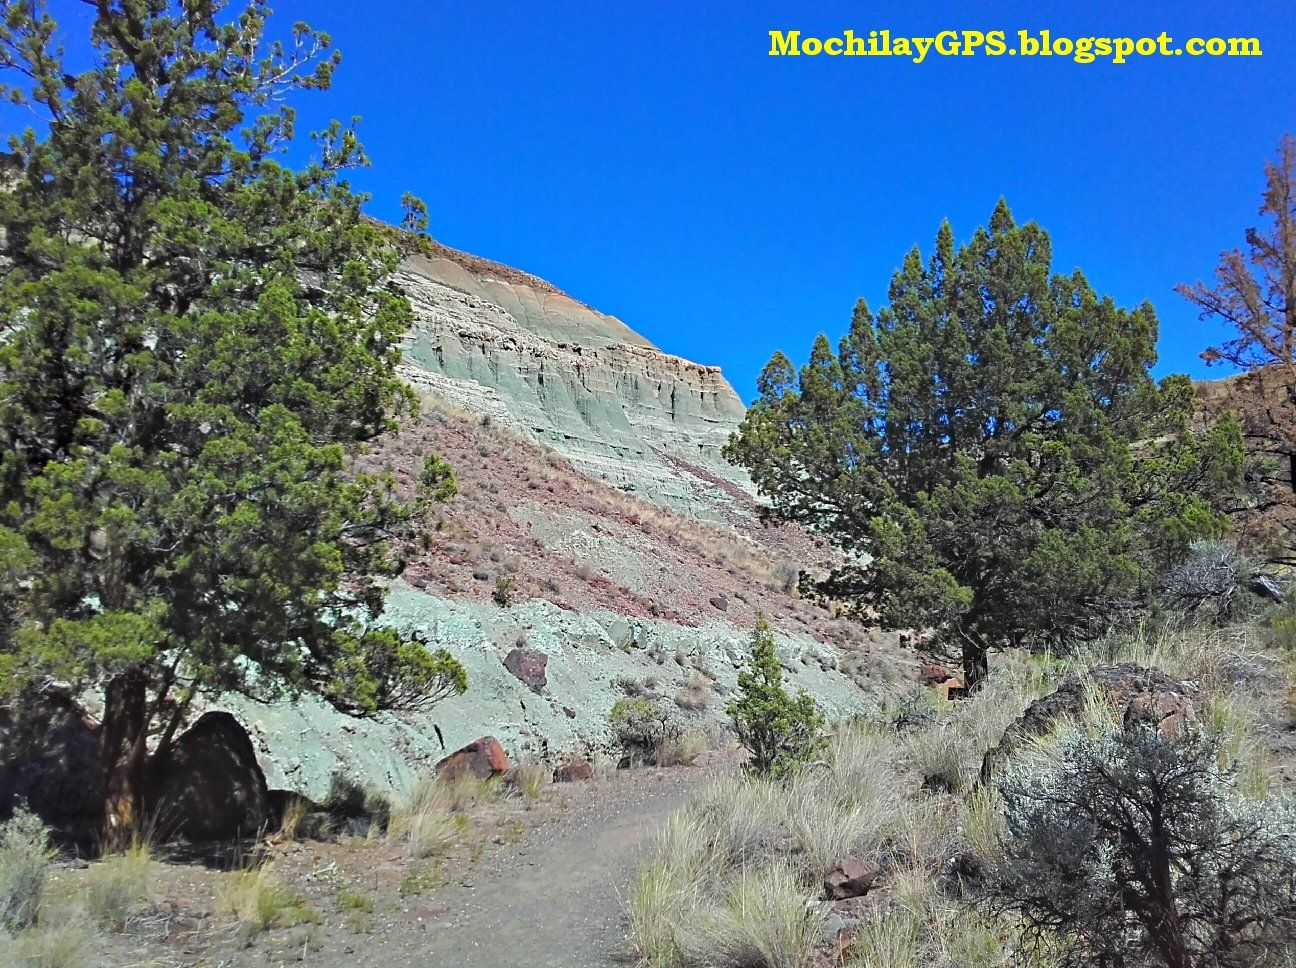 El Monumento Nacional John Day Fossil Beds , en el estado de Oregón, es un área protegida formada por tres zonas distintas (Painted Hills, ...